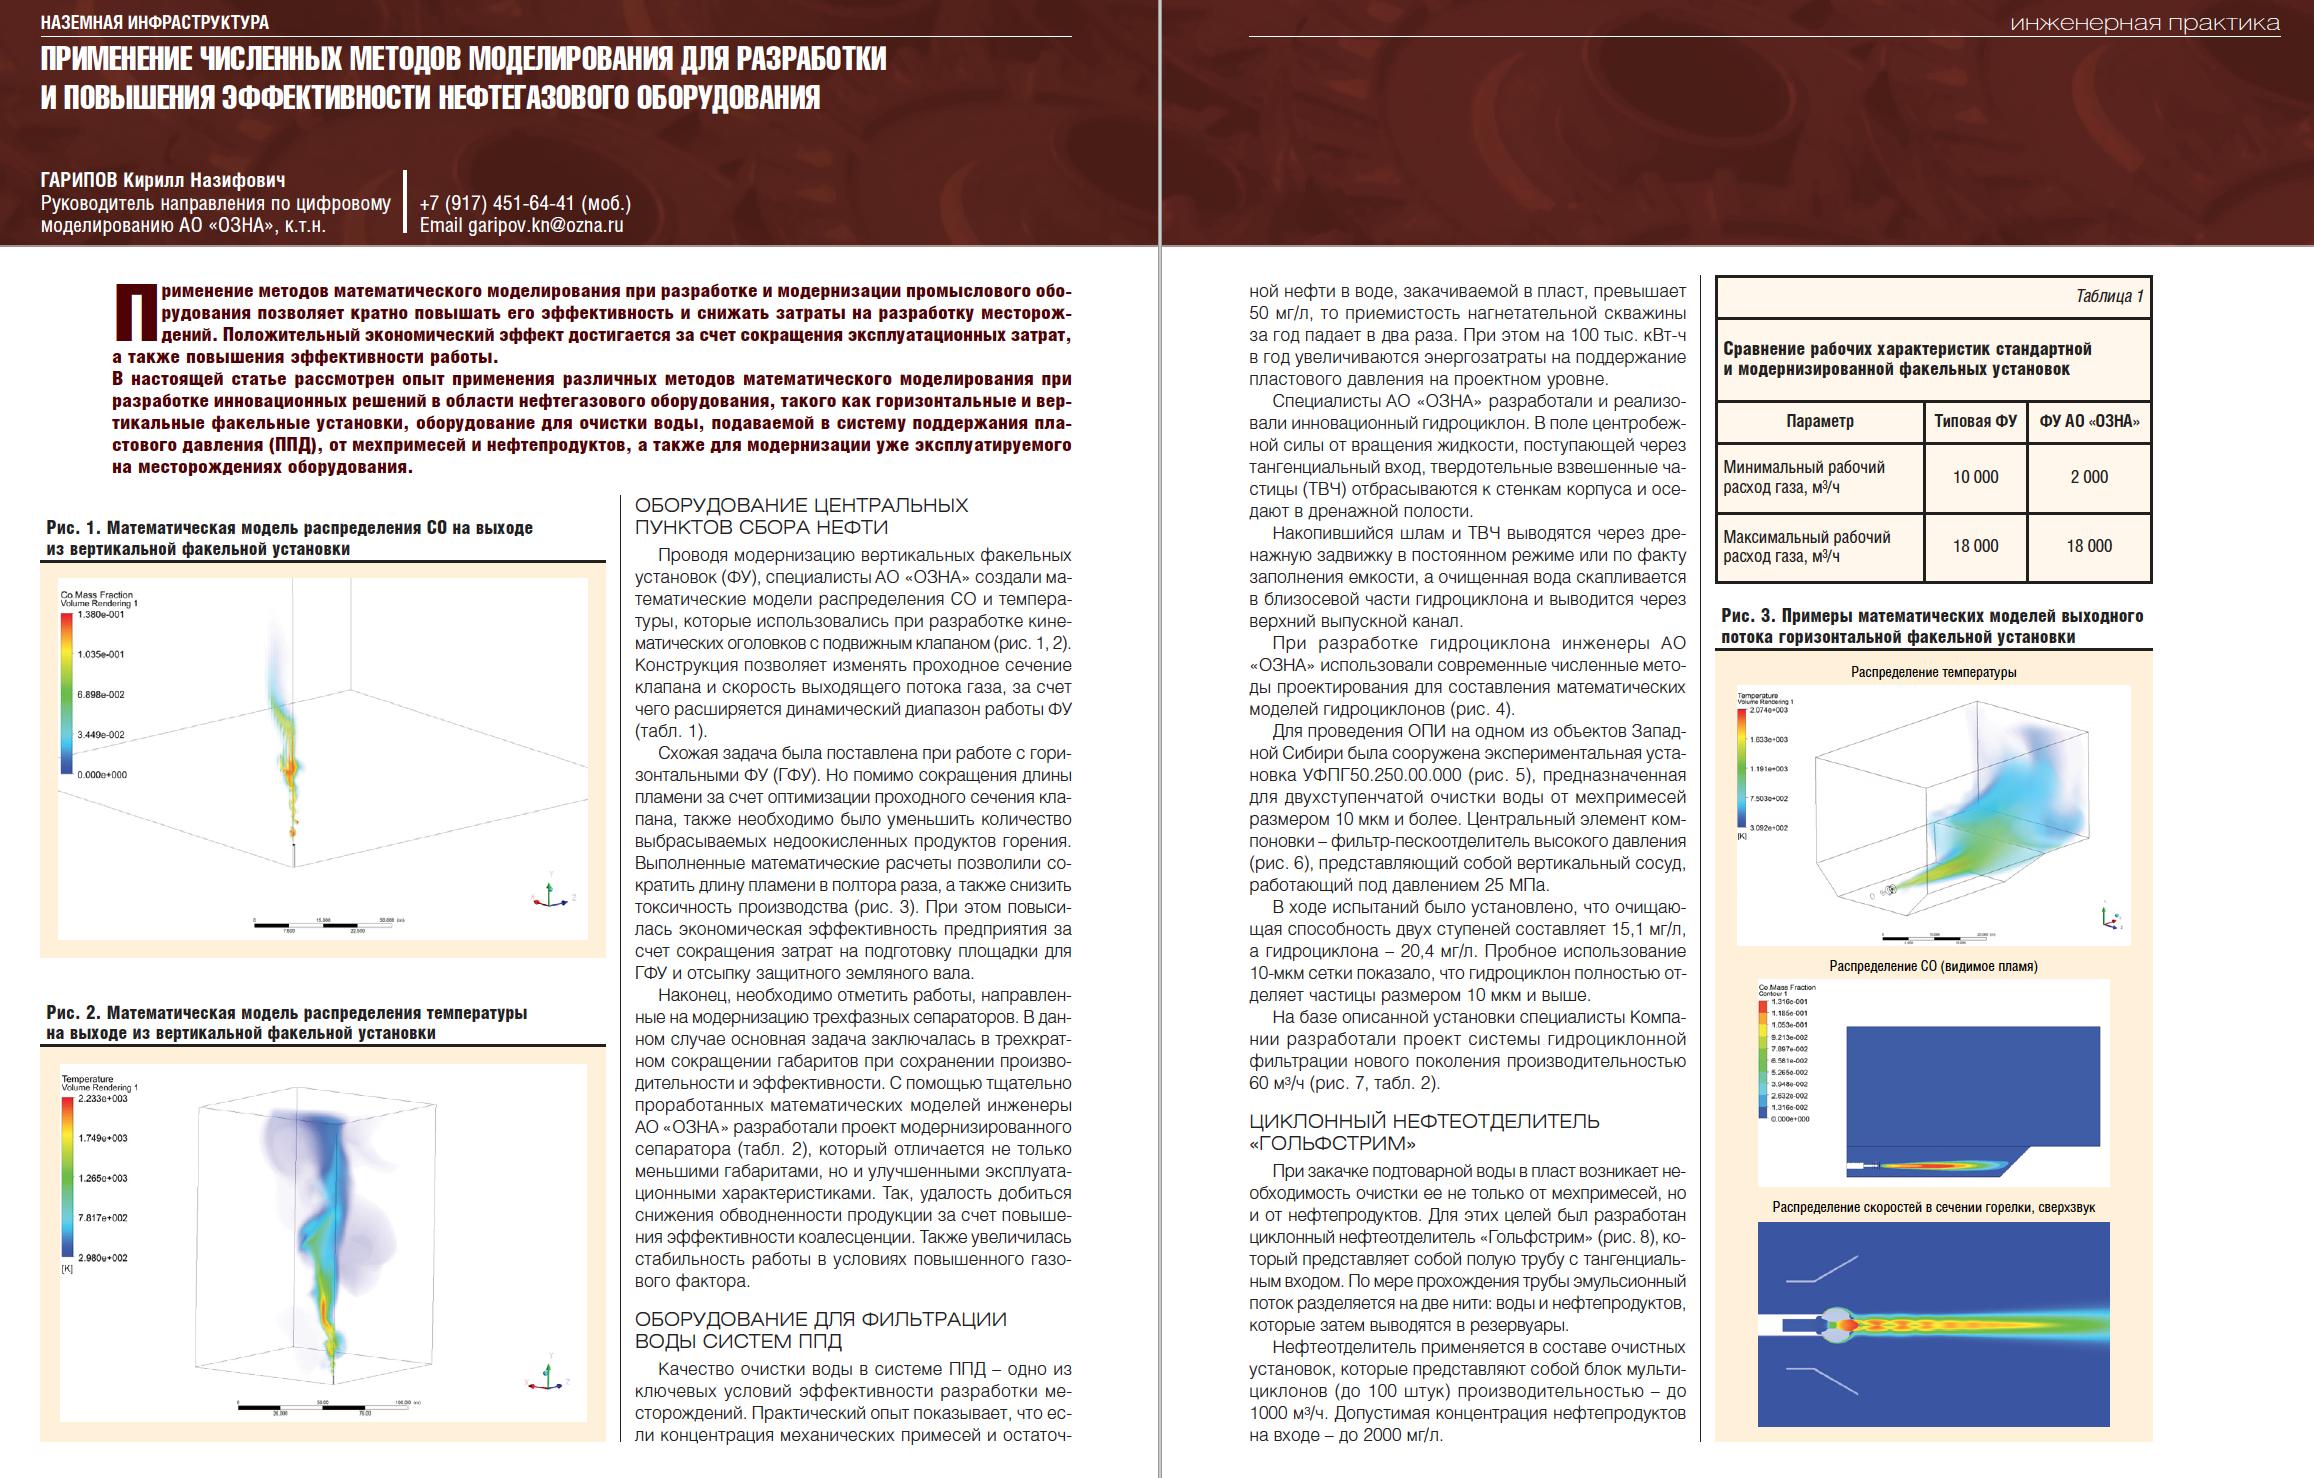 28520 Применение численных методов моделирования для разработки и повышения эффективности нефтегазового оборудования